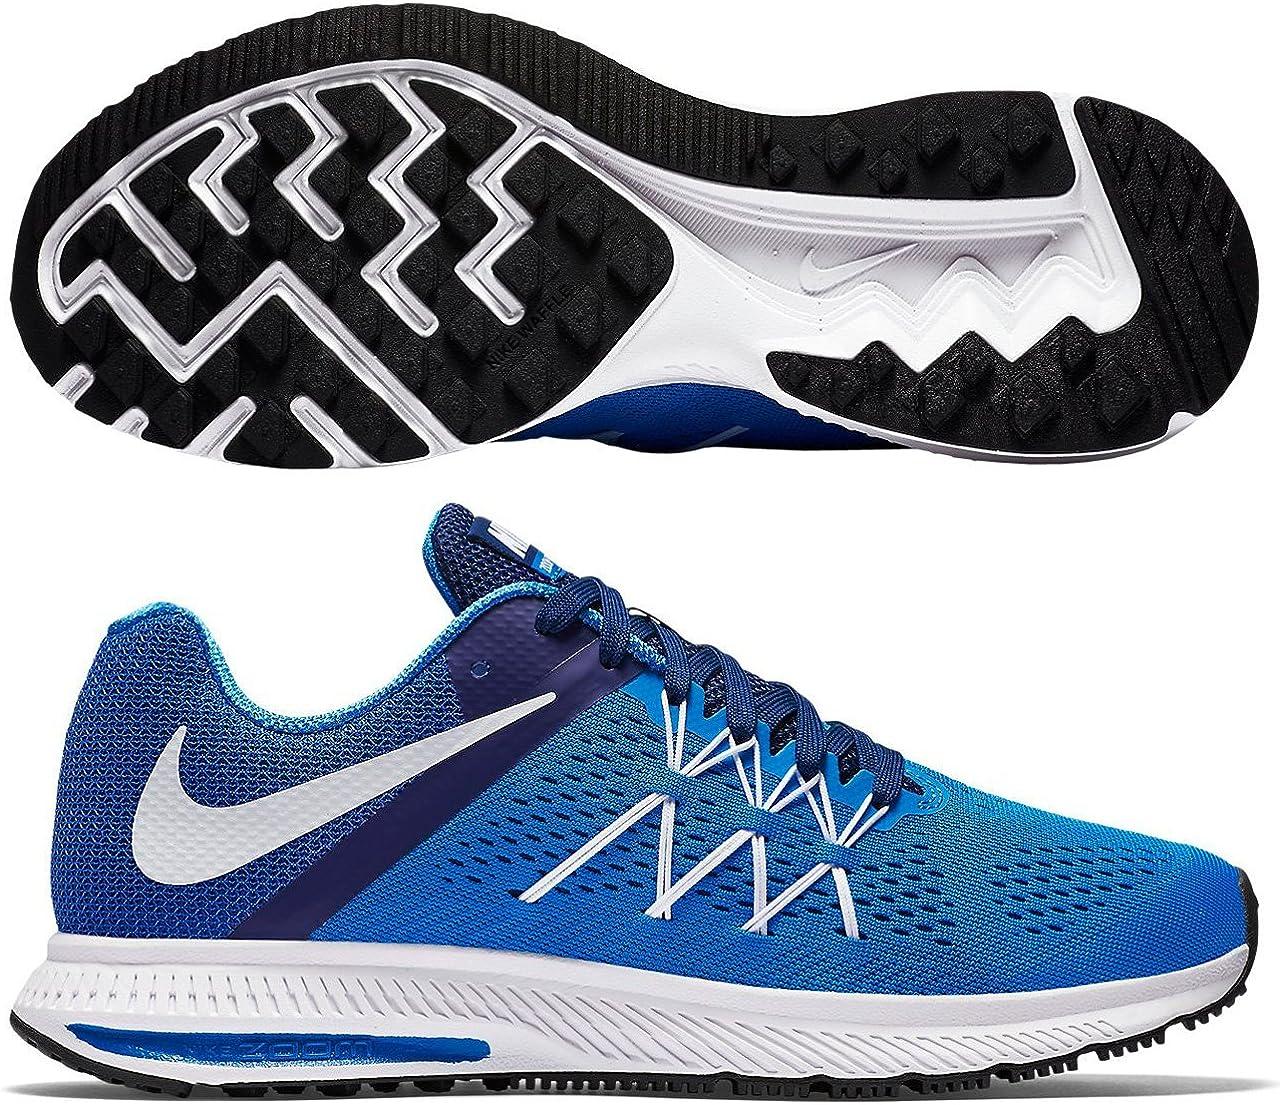 Nike Zoom Winflo 3, Zapatillas de Running para hombre, Azul (Photo Blue / White-Dp Royal Blue), 40 EU: NIKE: Amazon.es: Zapatos y complementos